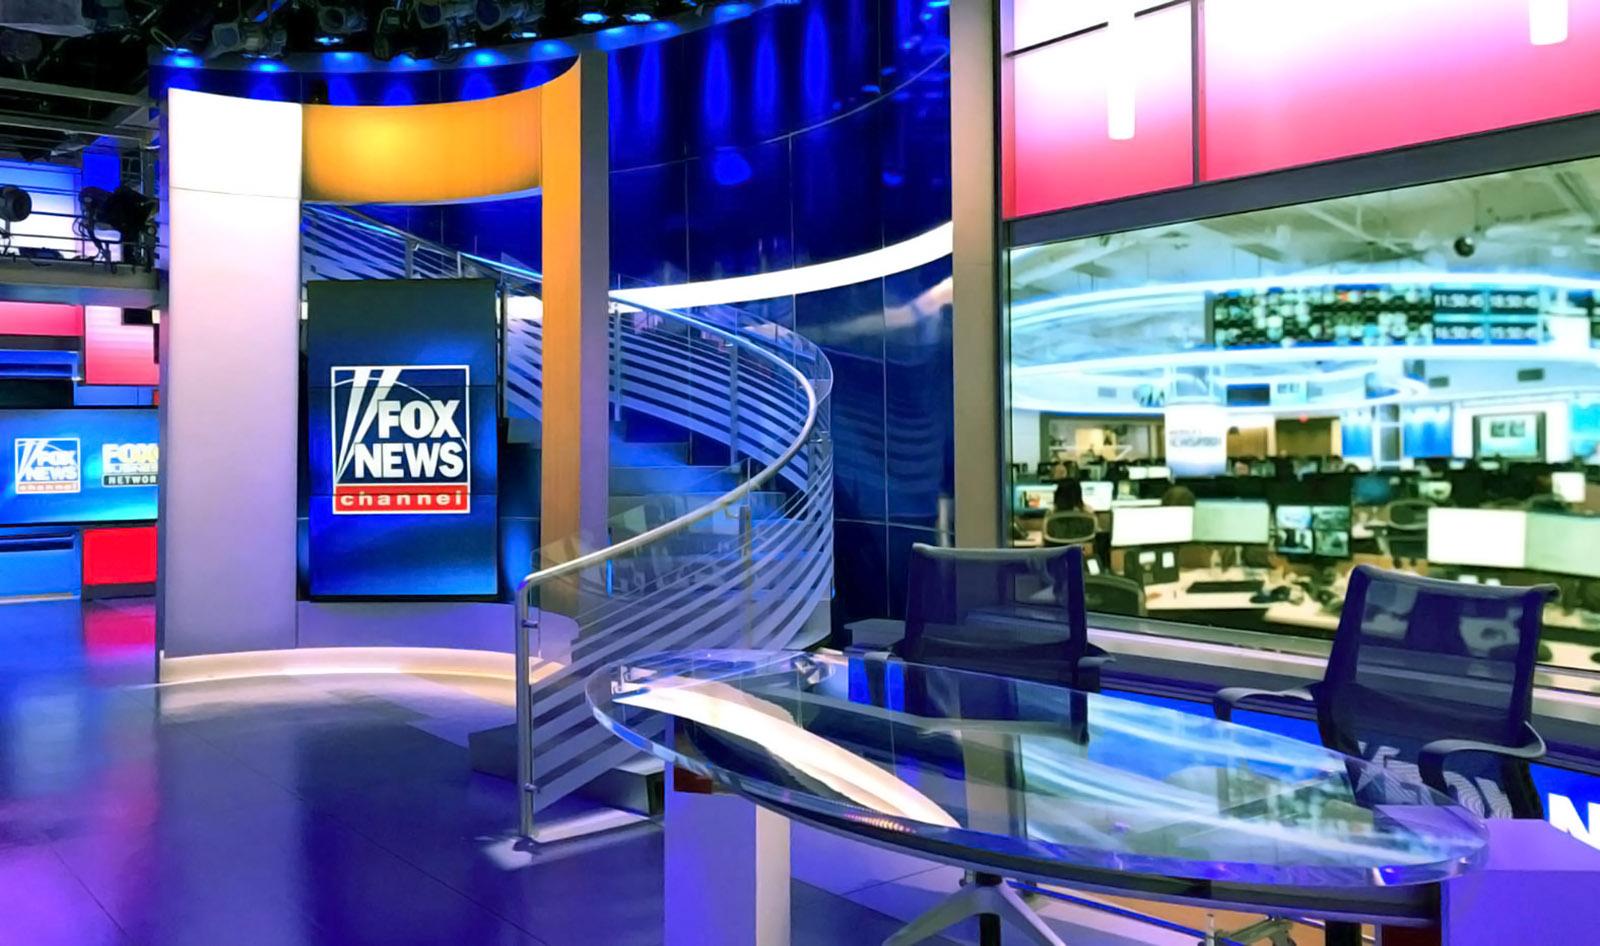 Fox News live broadcast studio